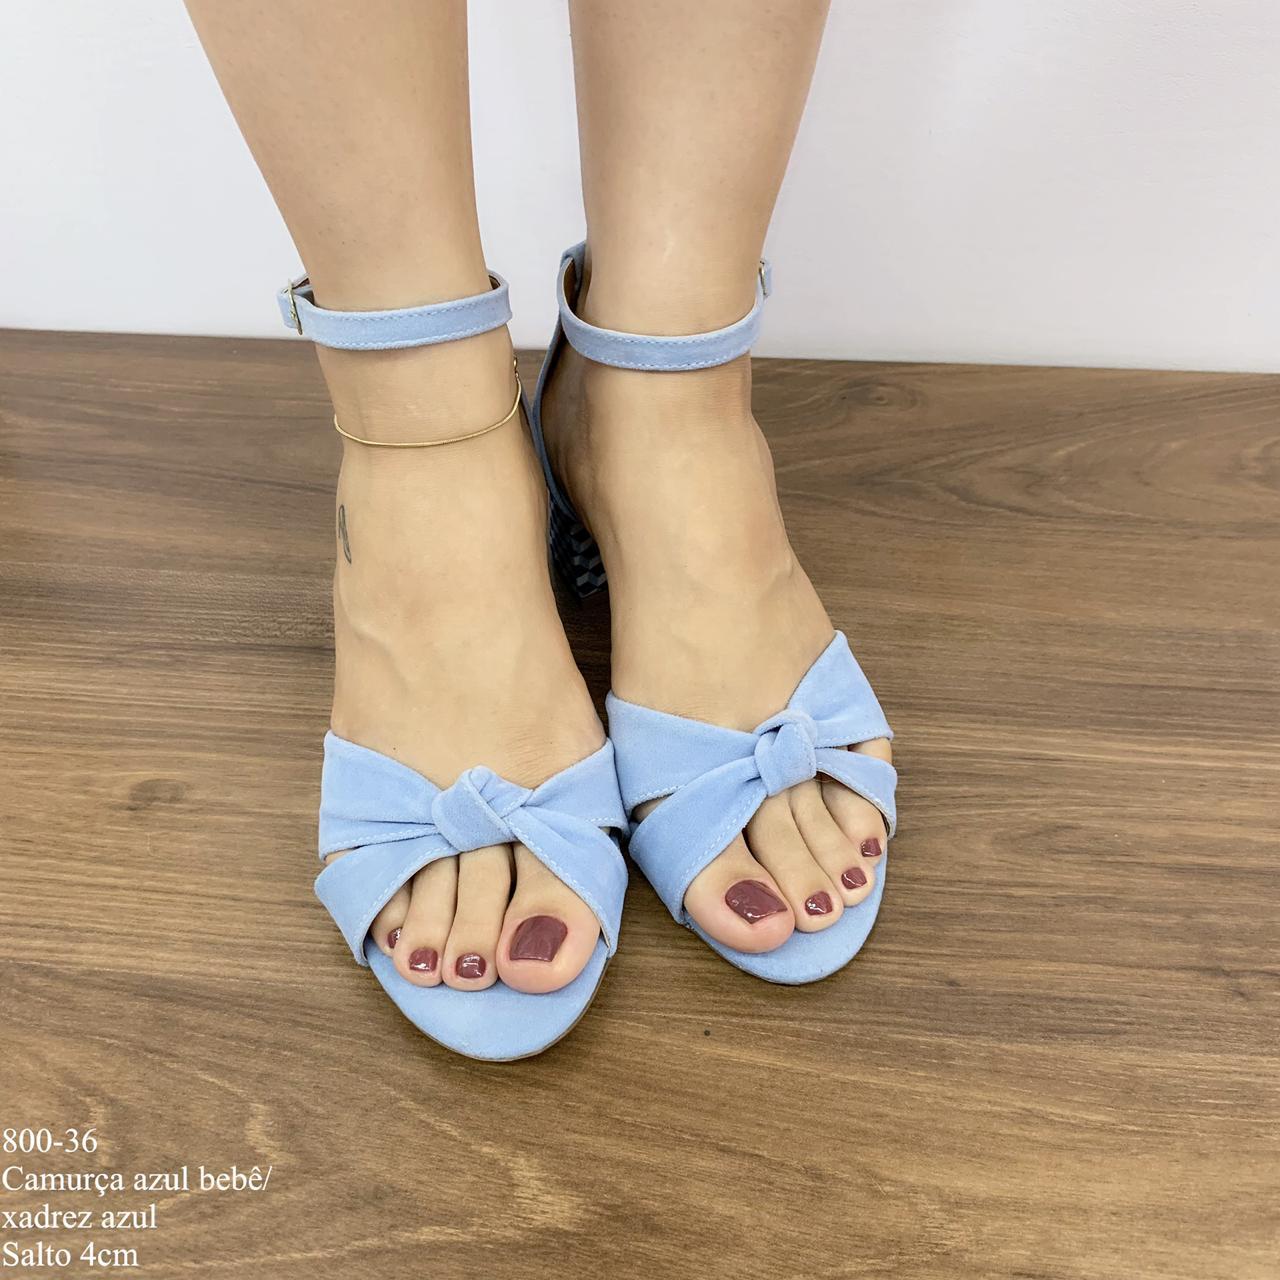 Sandália Camurça Azul Bebê/Xadrez Azul